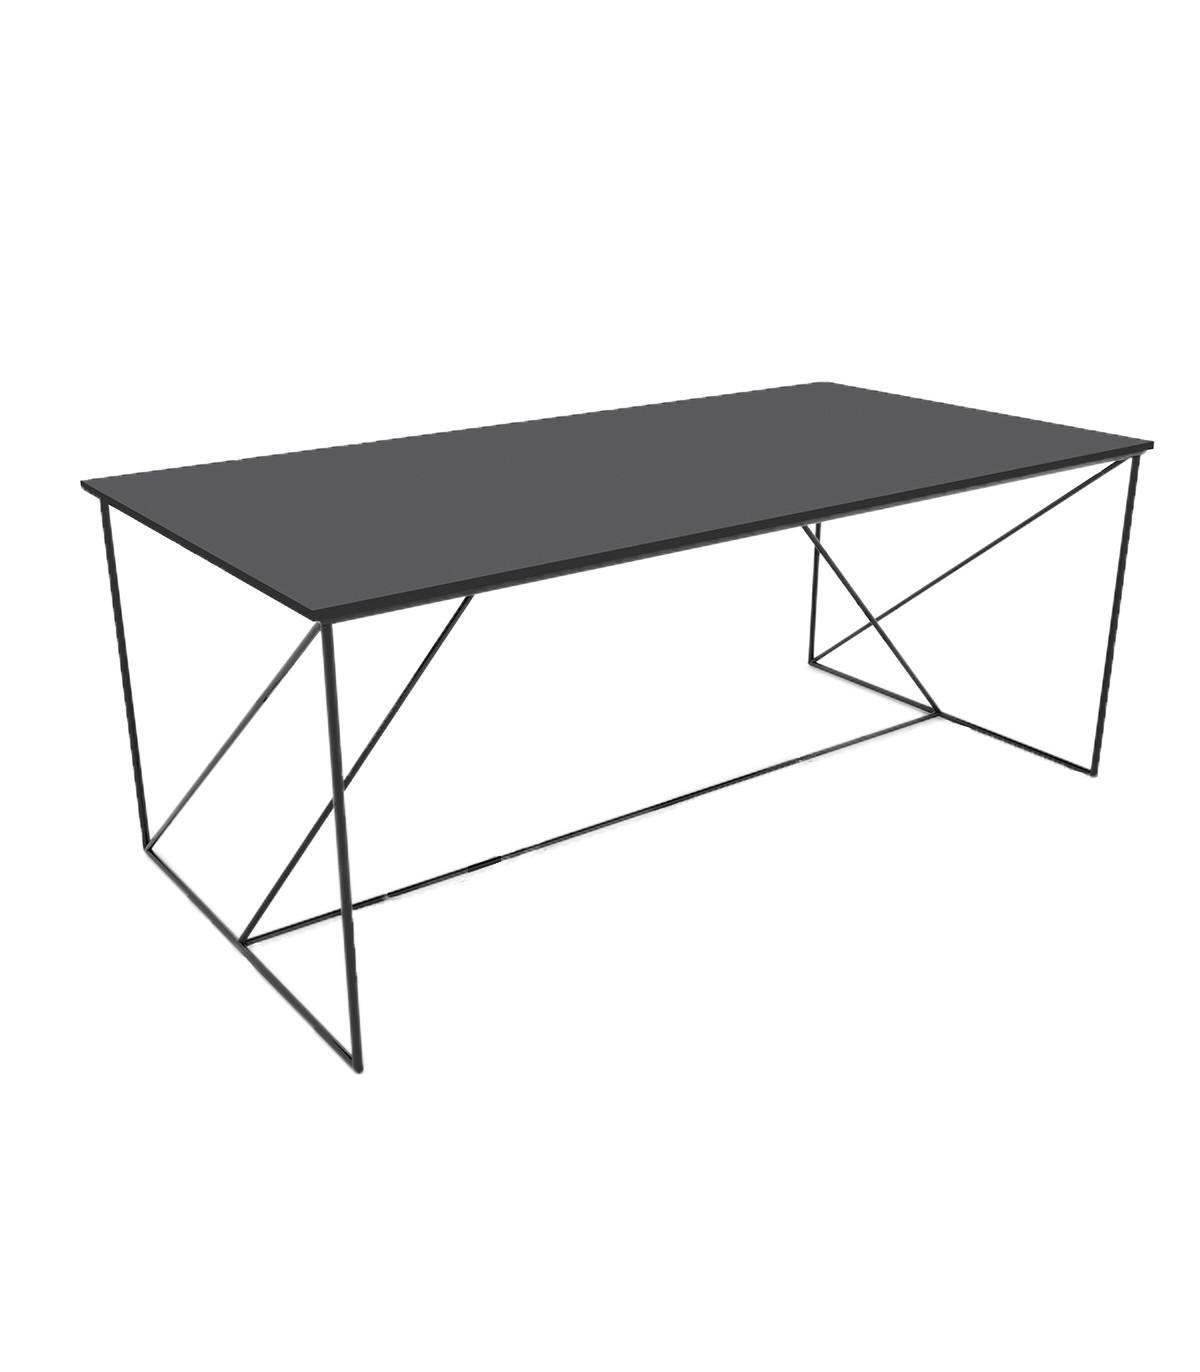 Table basse structure métallique noir L100cm